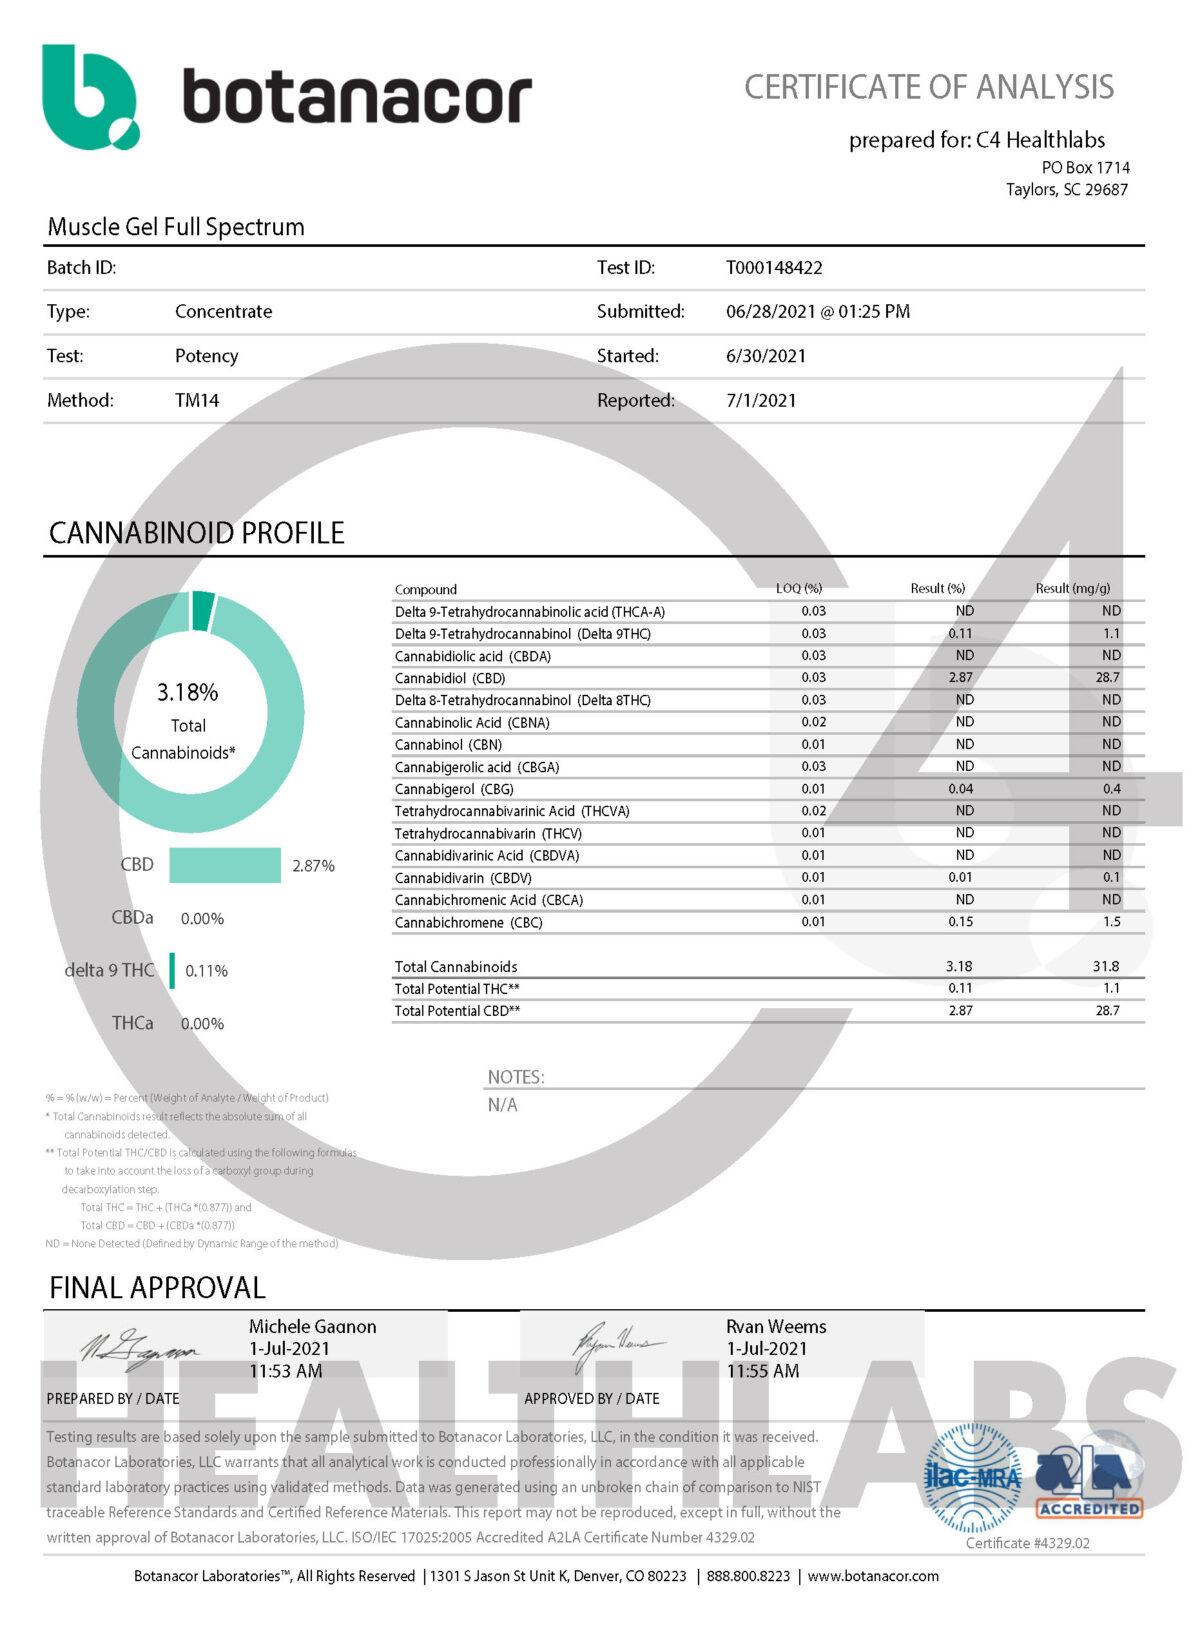 C4 Healthlabs Full Spectrum CBD Muscle Gel COA